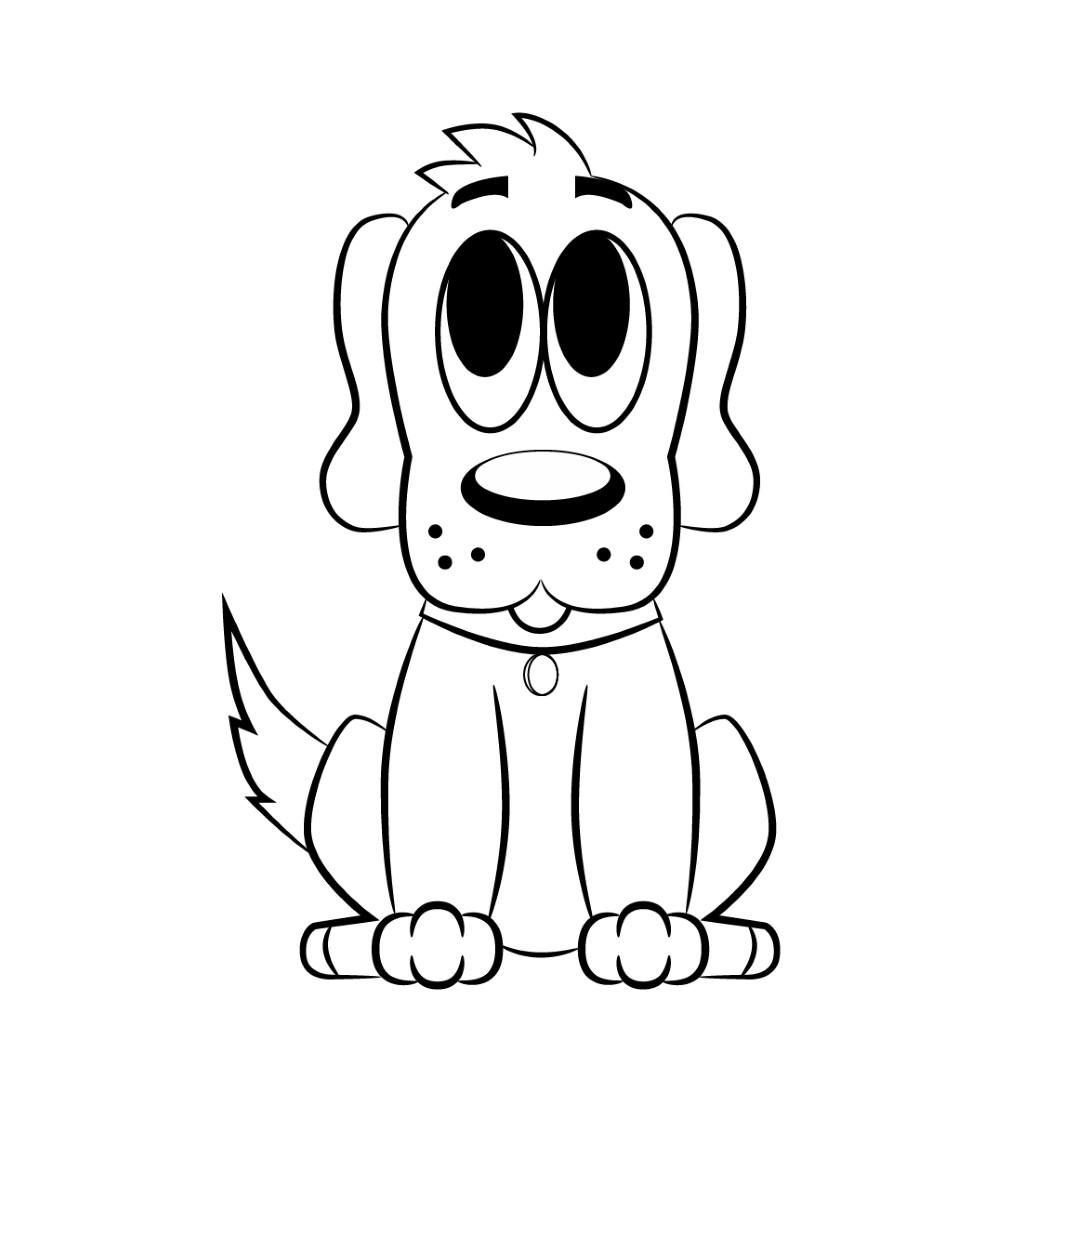 1080x1239 How To Draw A Cartoon Dog